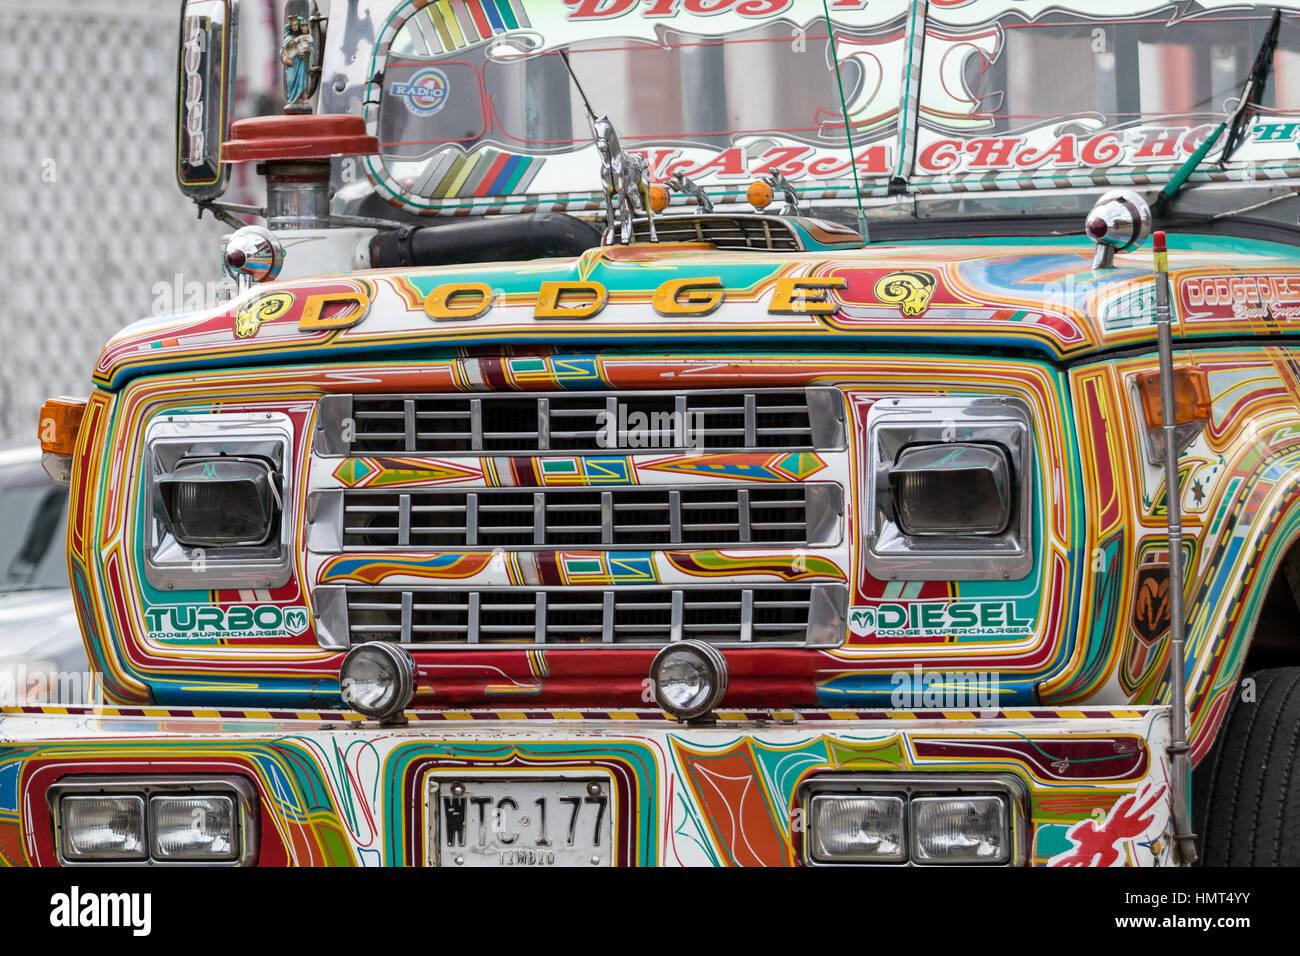 6 settembre 2016 Silvia, Colombia: autobus dipinto di colori luminosi e i mezzi di trasporto pubblici Immagini Stock